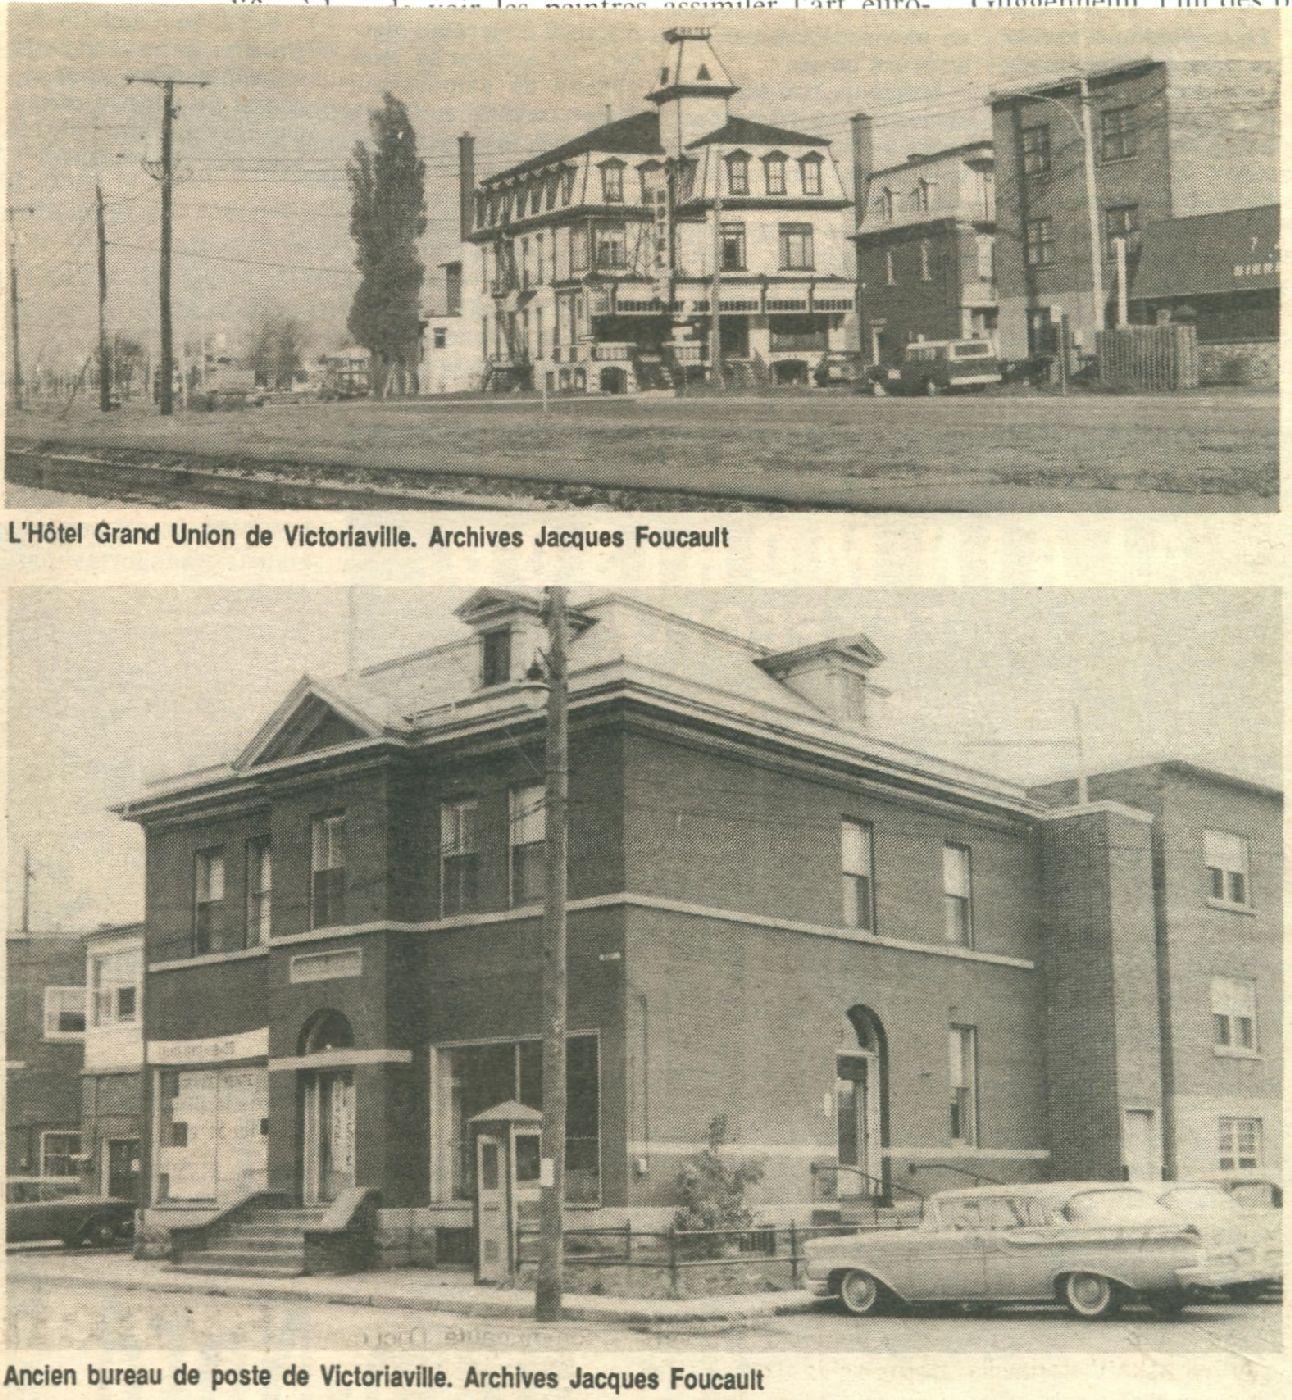 Villes p riph riques victoriaville - Bureau de poste gare de l est ...